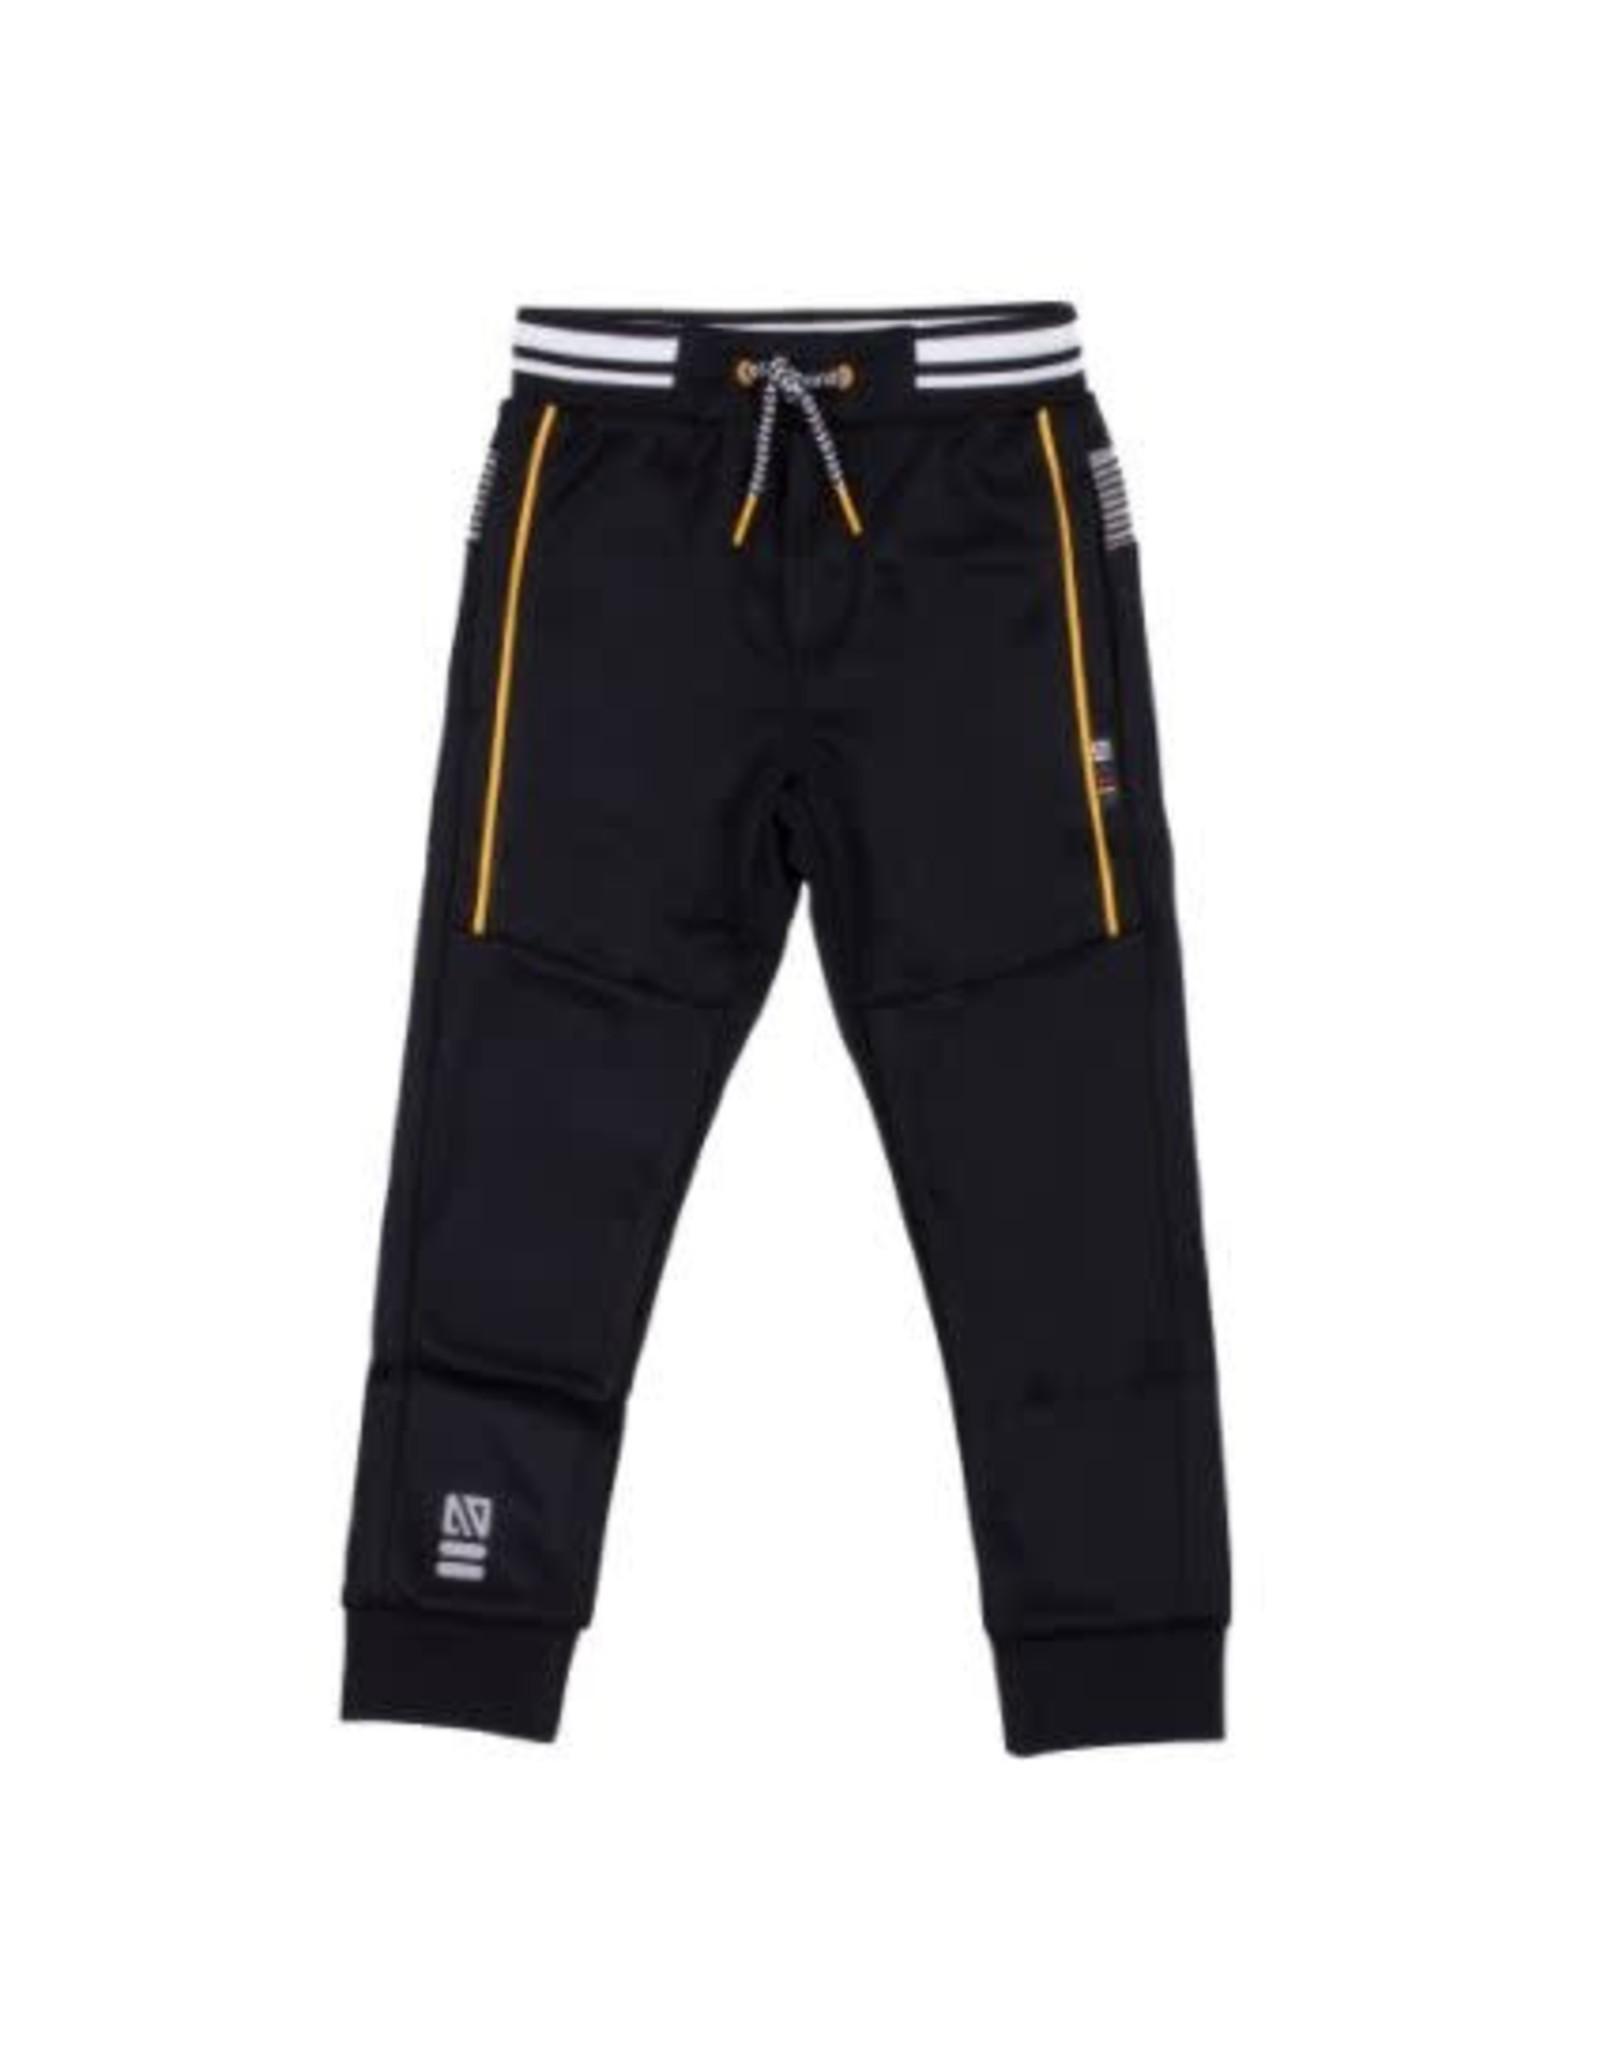 Noruk Athletic pants in Black